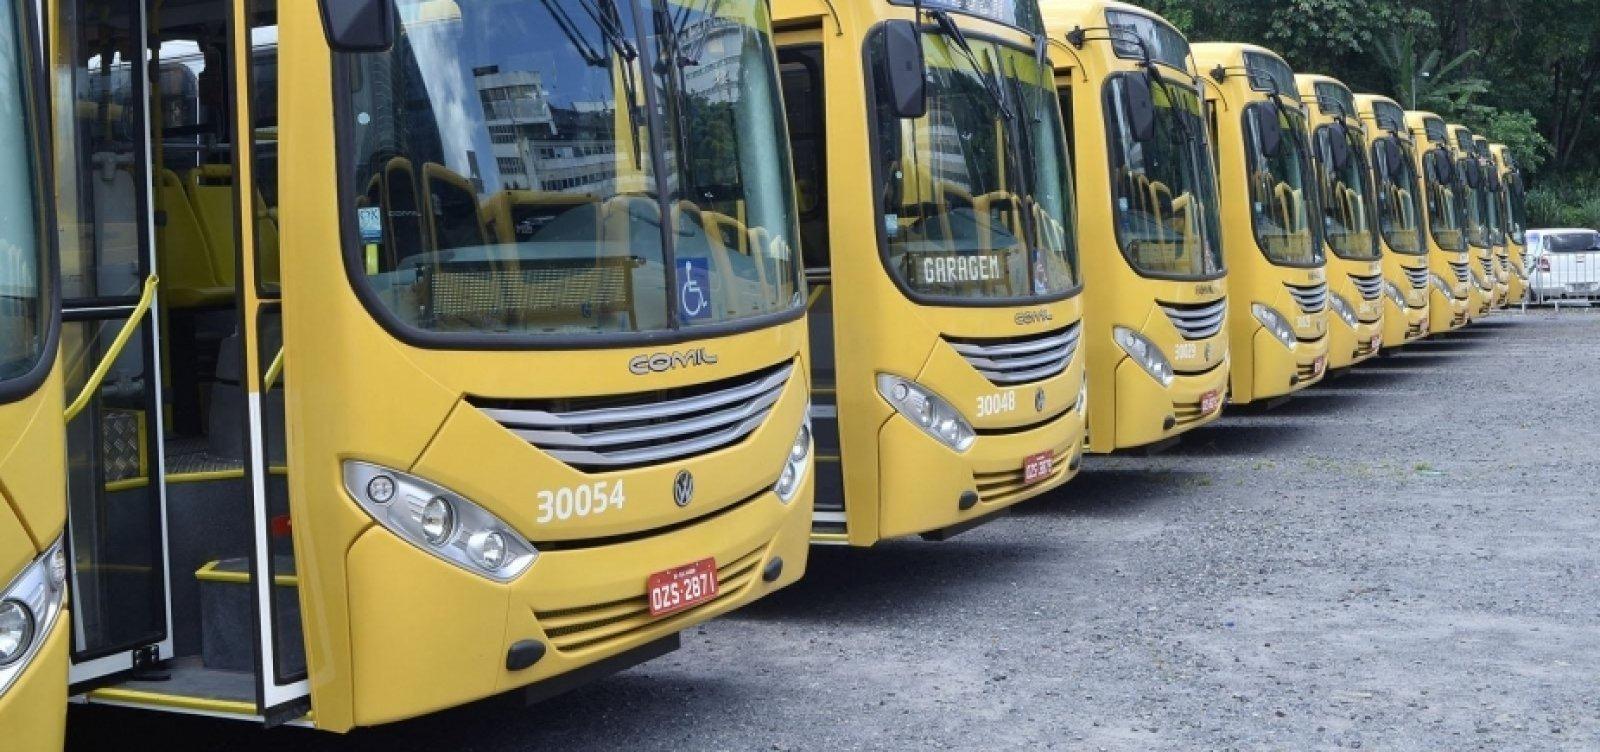 Semob realiza operação especial de transporte no Subúrbio a partir de segunda